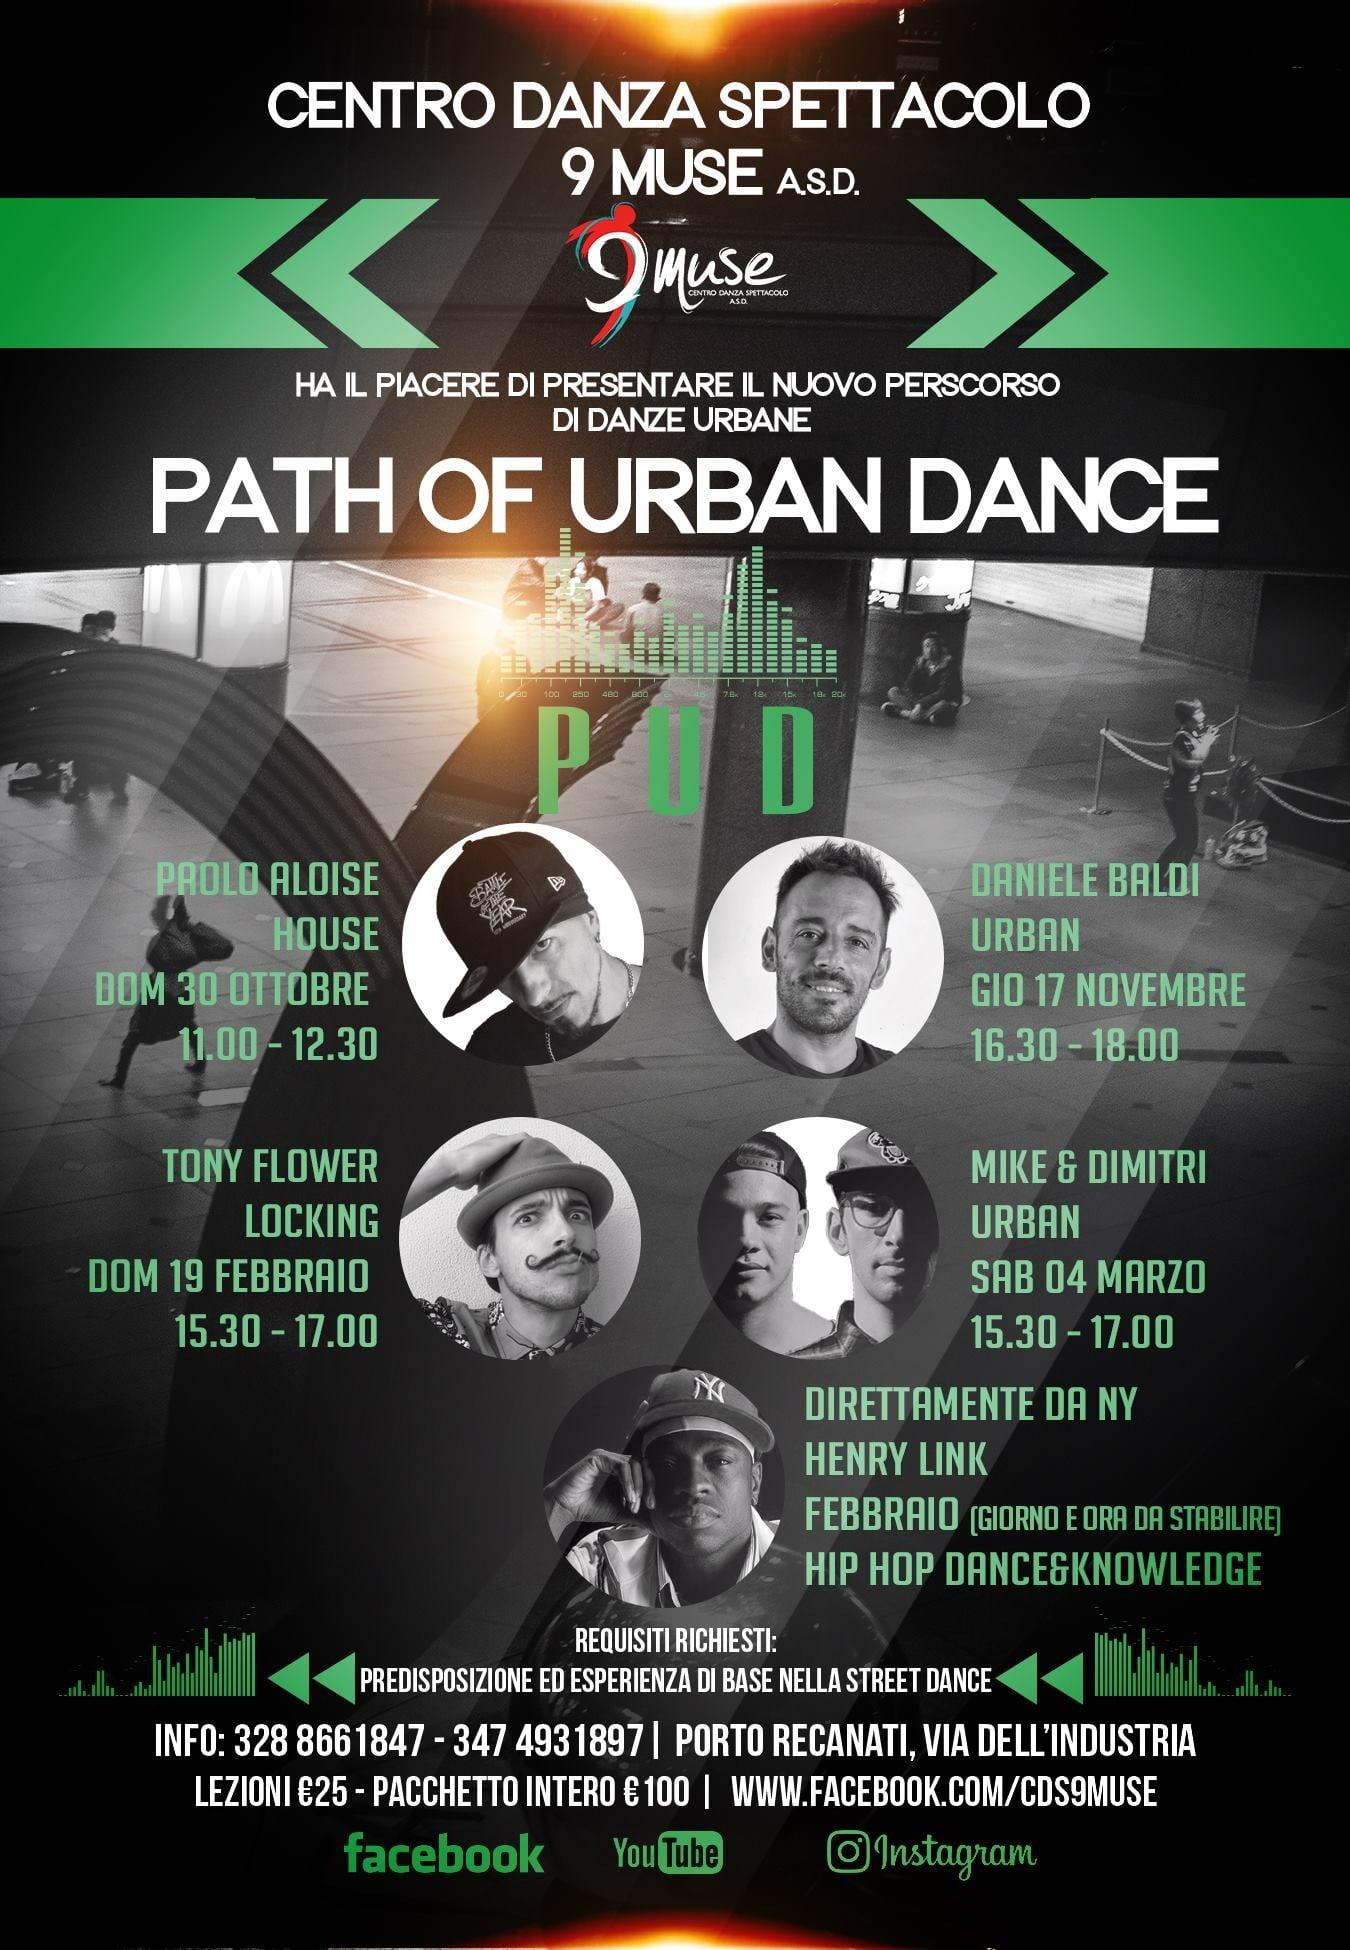 Path of Urban Dance - Percorso Danze Urbane